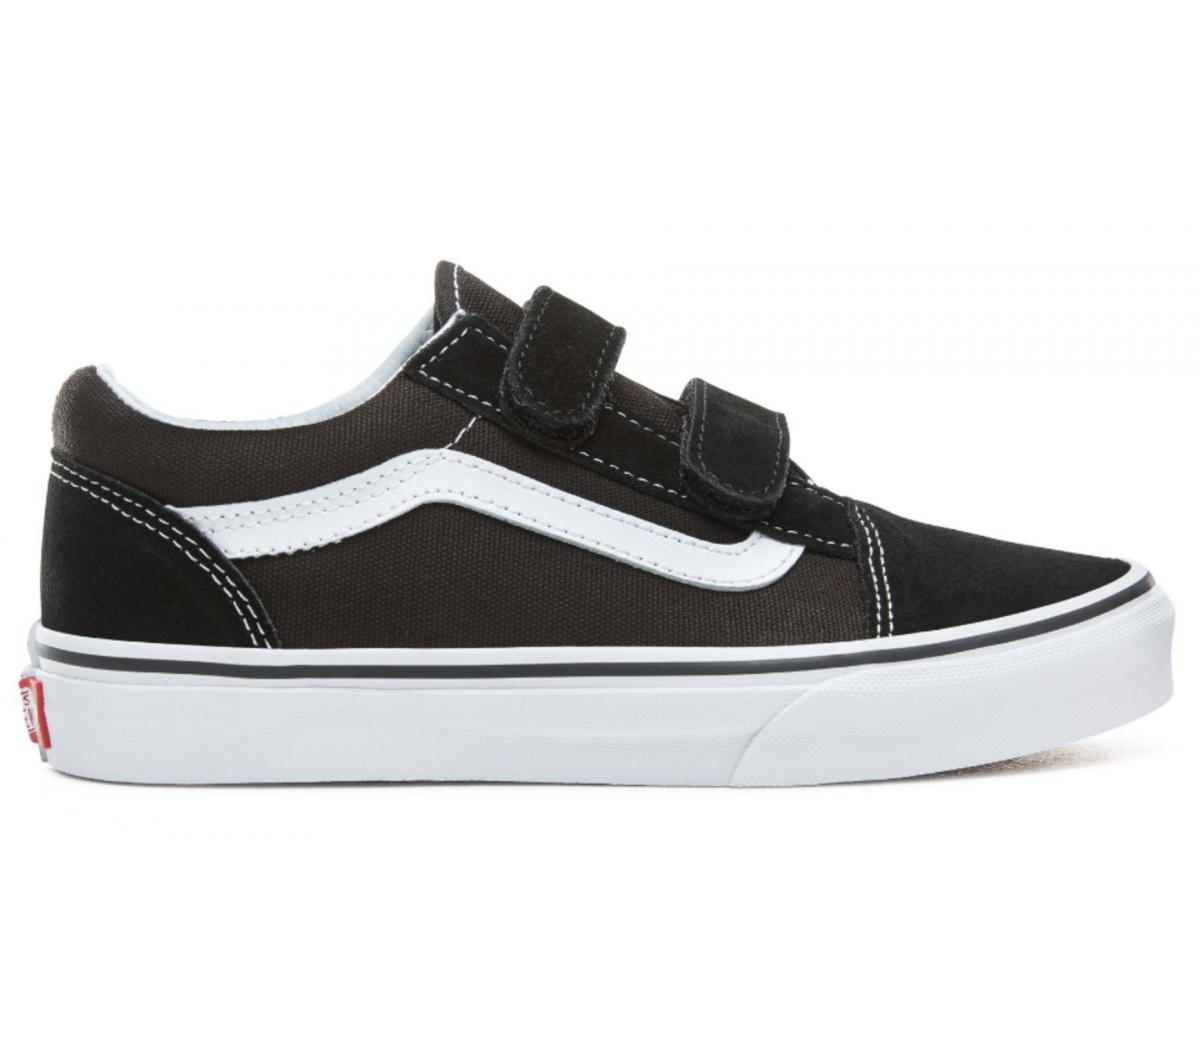 Vans Kids Shoes Old Skool V blackwhite